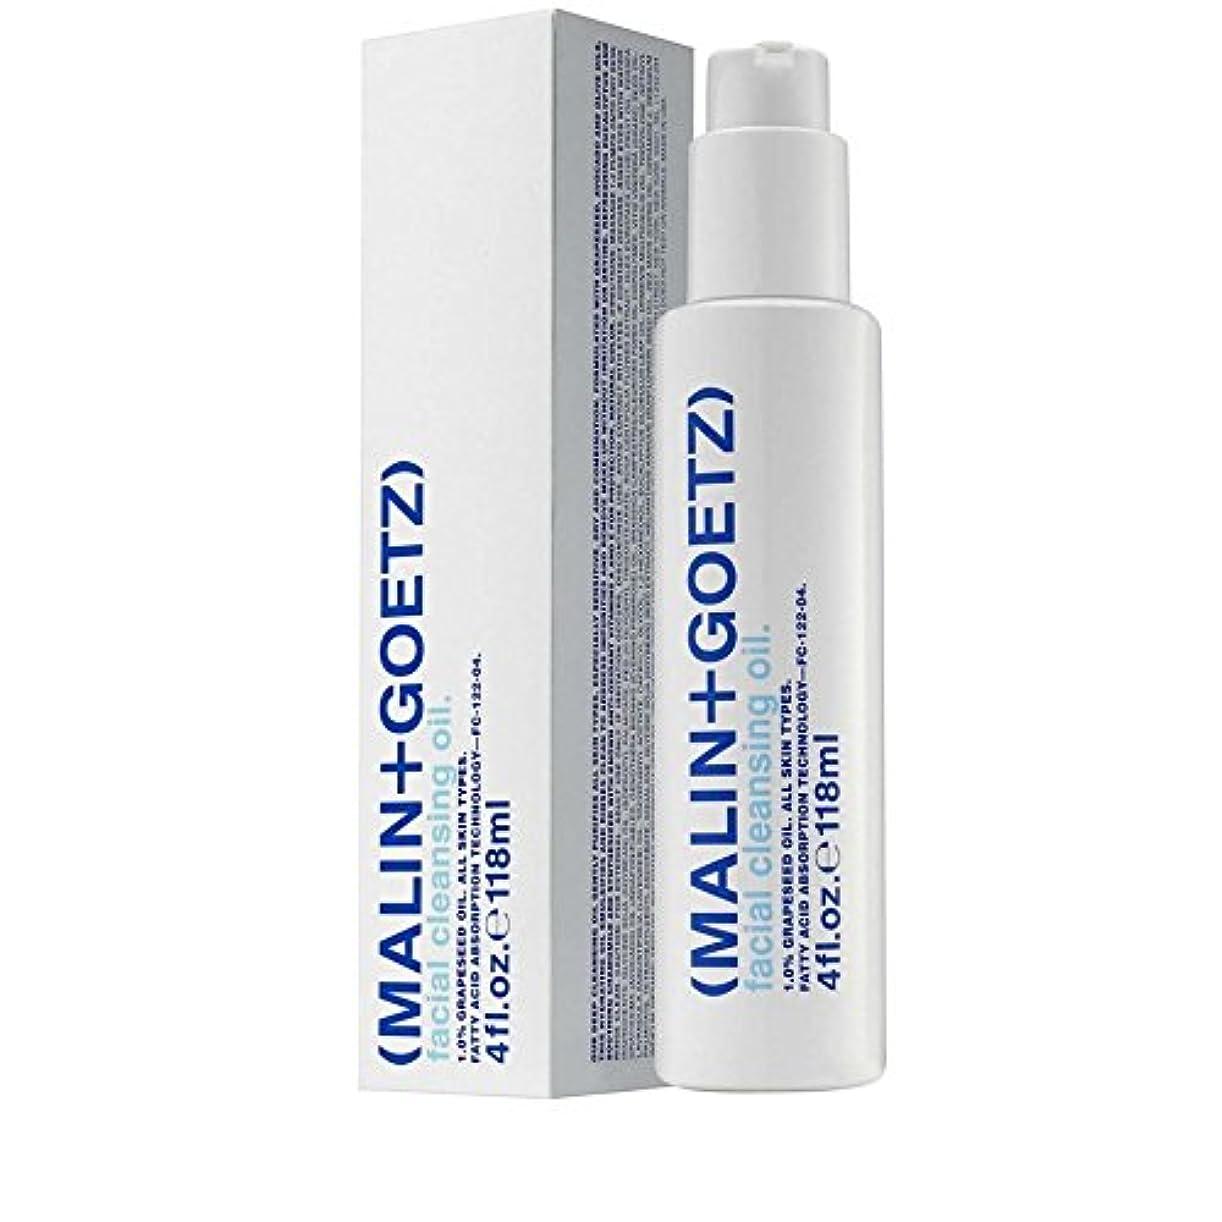 差し迫ったスタジオソブリケットマリン+ゲッツ洗顔オイル118ミリリットル x2 - MALIN+GOETZ Facial Cleansing Oil 118ml (Pack of 2) [並行輸入品]